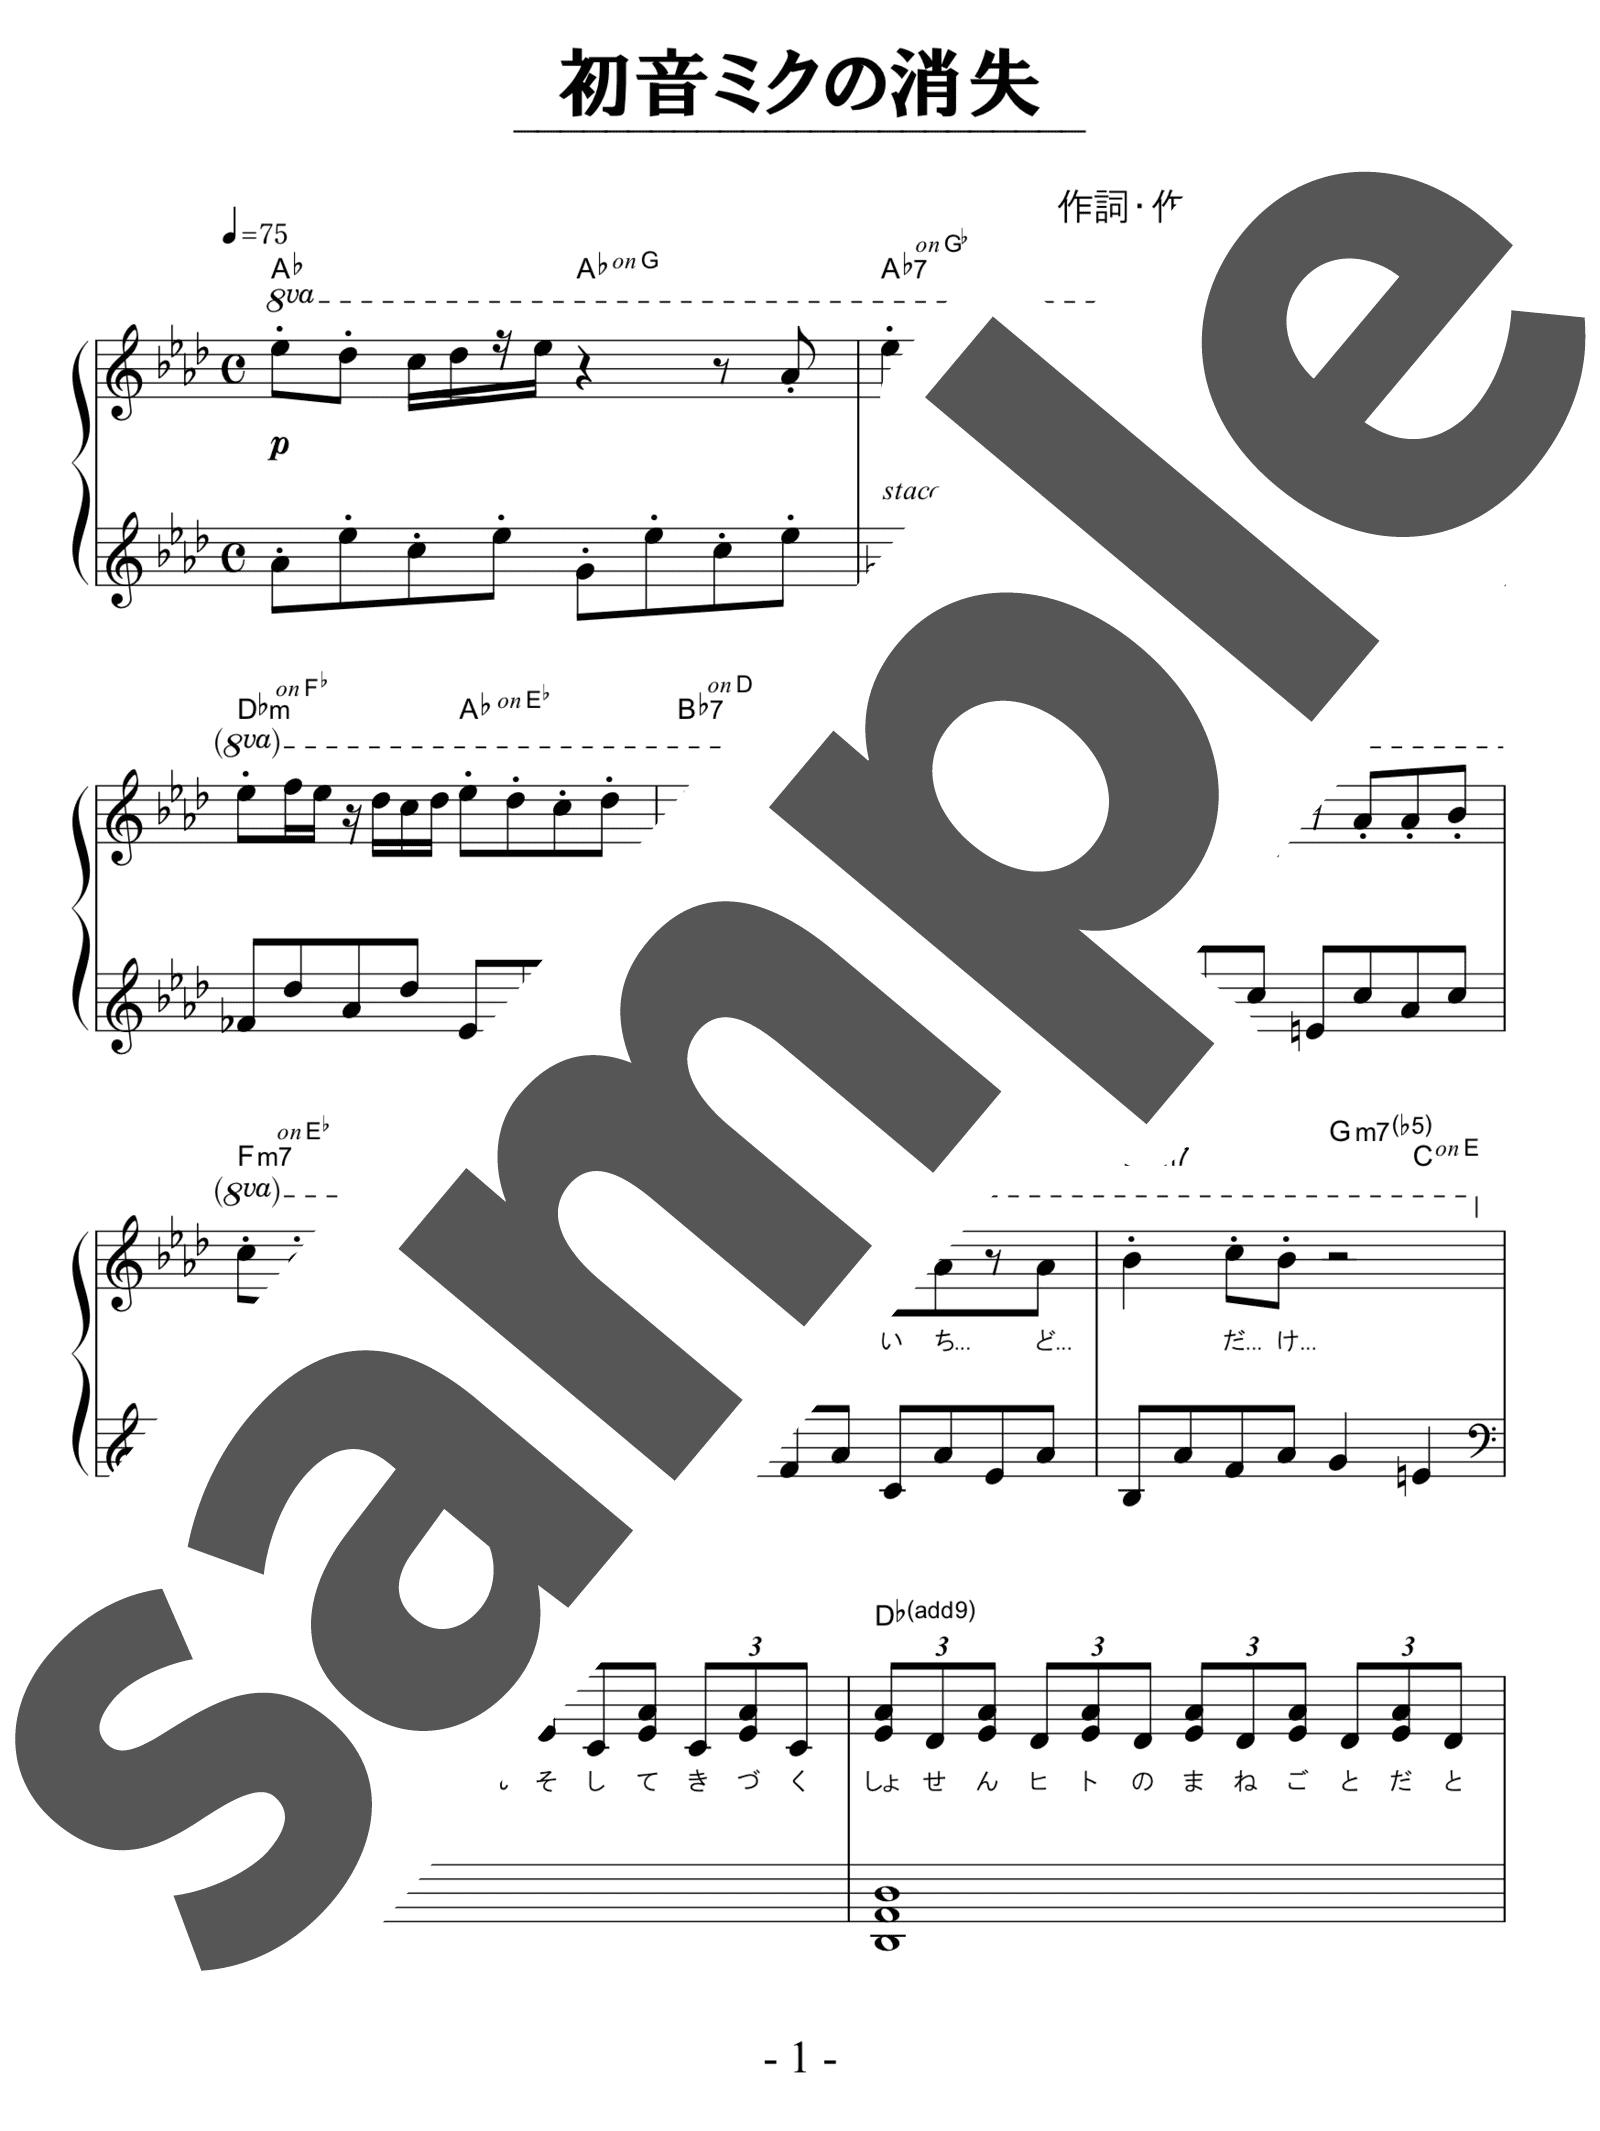 「初音ミクの消失」のサンプル楽譜